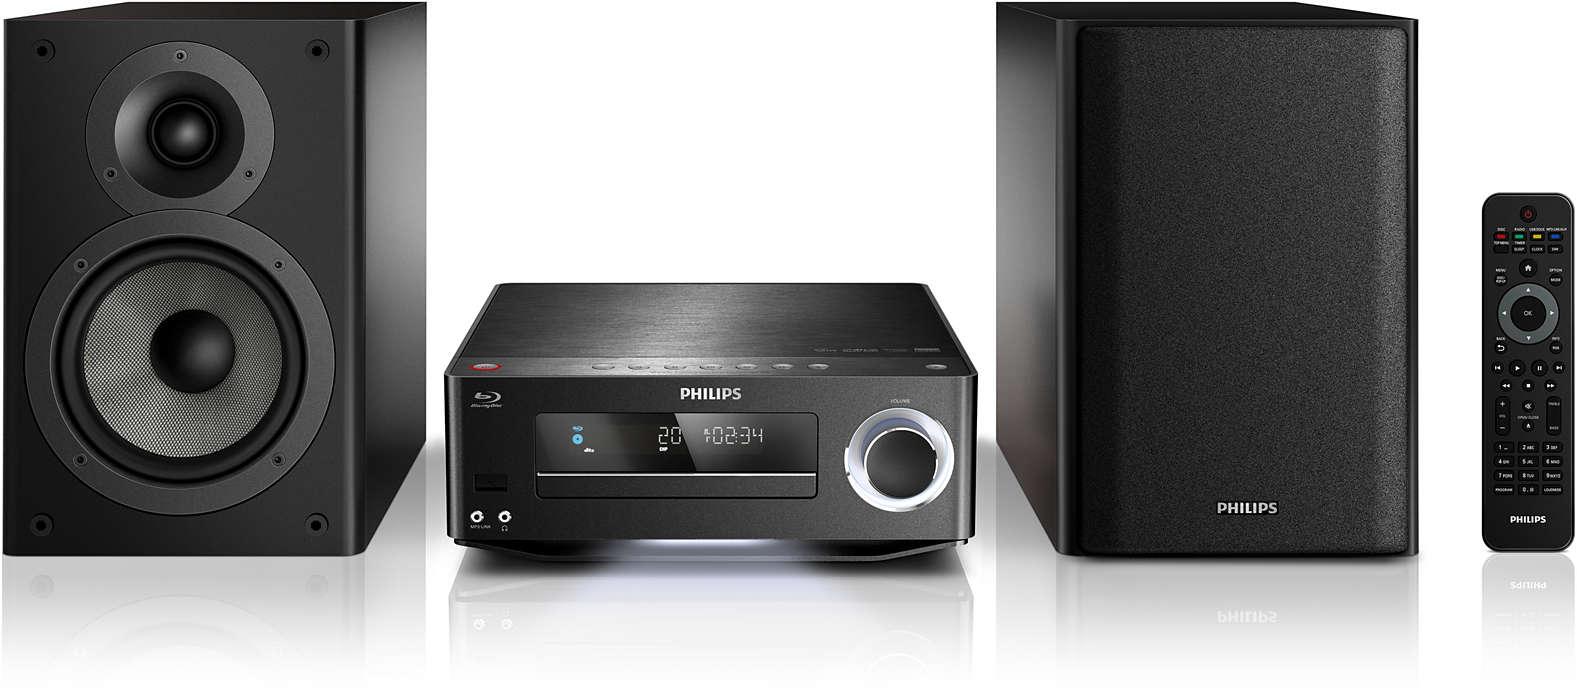 Mėgaukitės aukštos kokybės muzikos ir filmų garsu